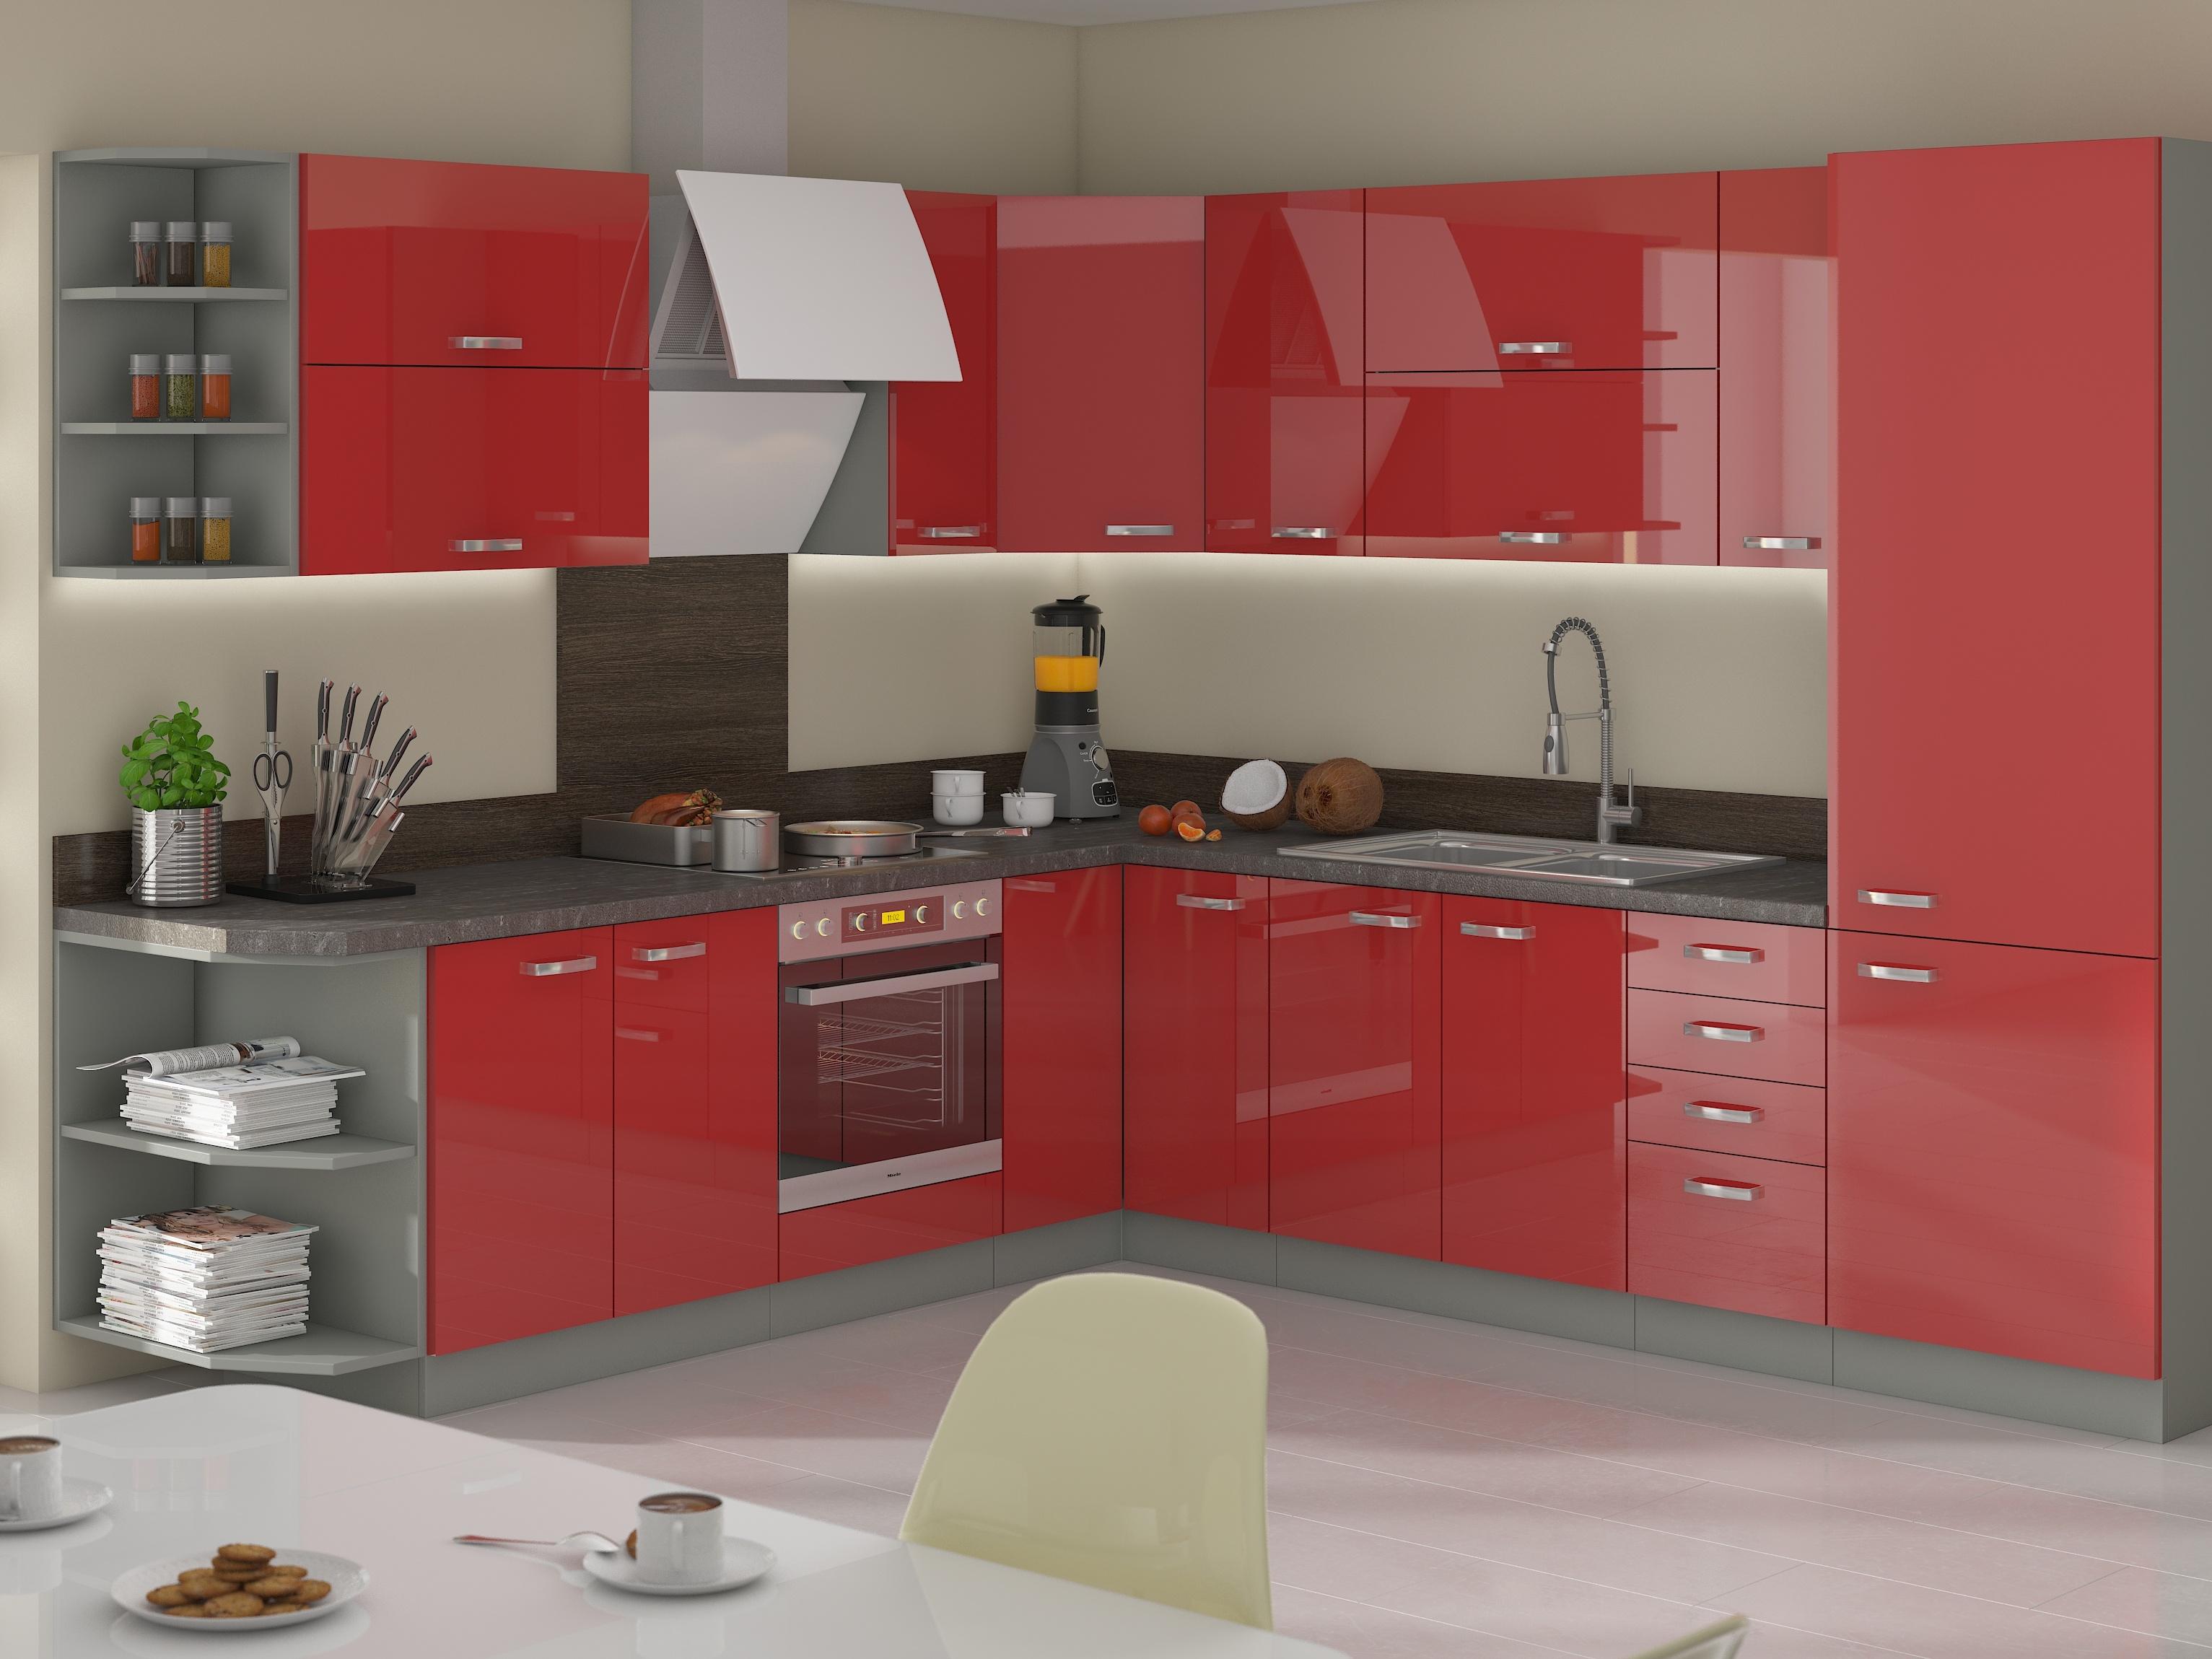 Rohová kuchyně ROSE 260x270 cm, šedá/ červený lesk